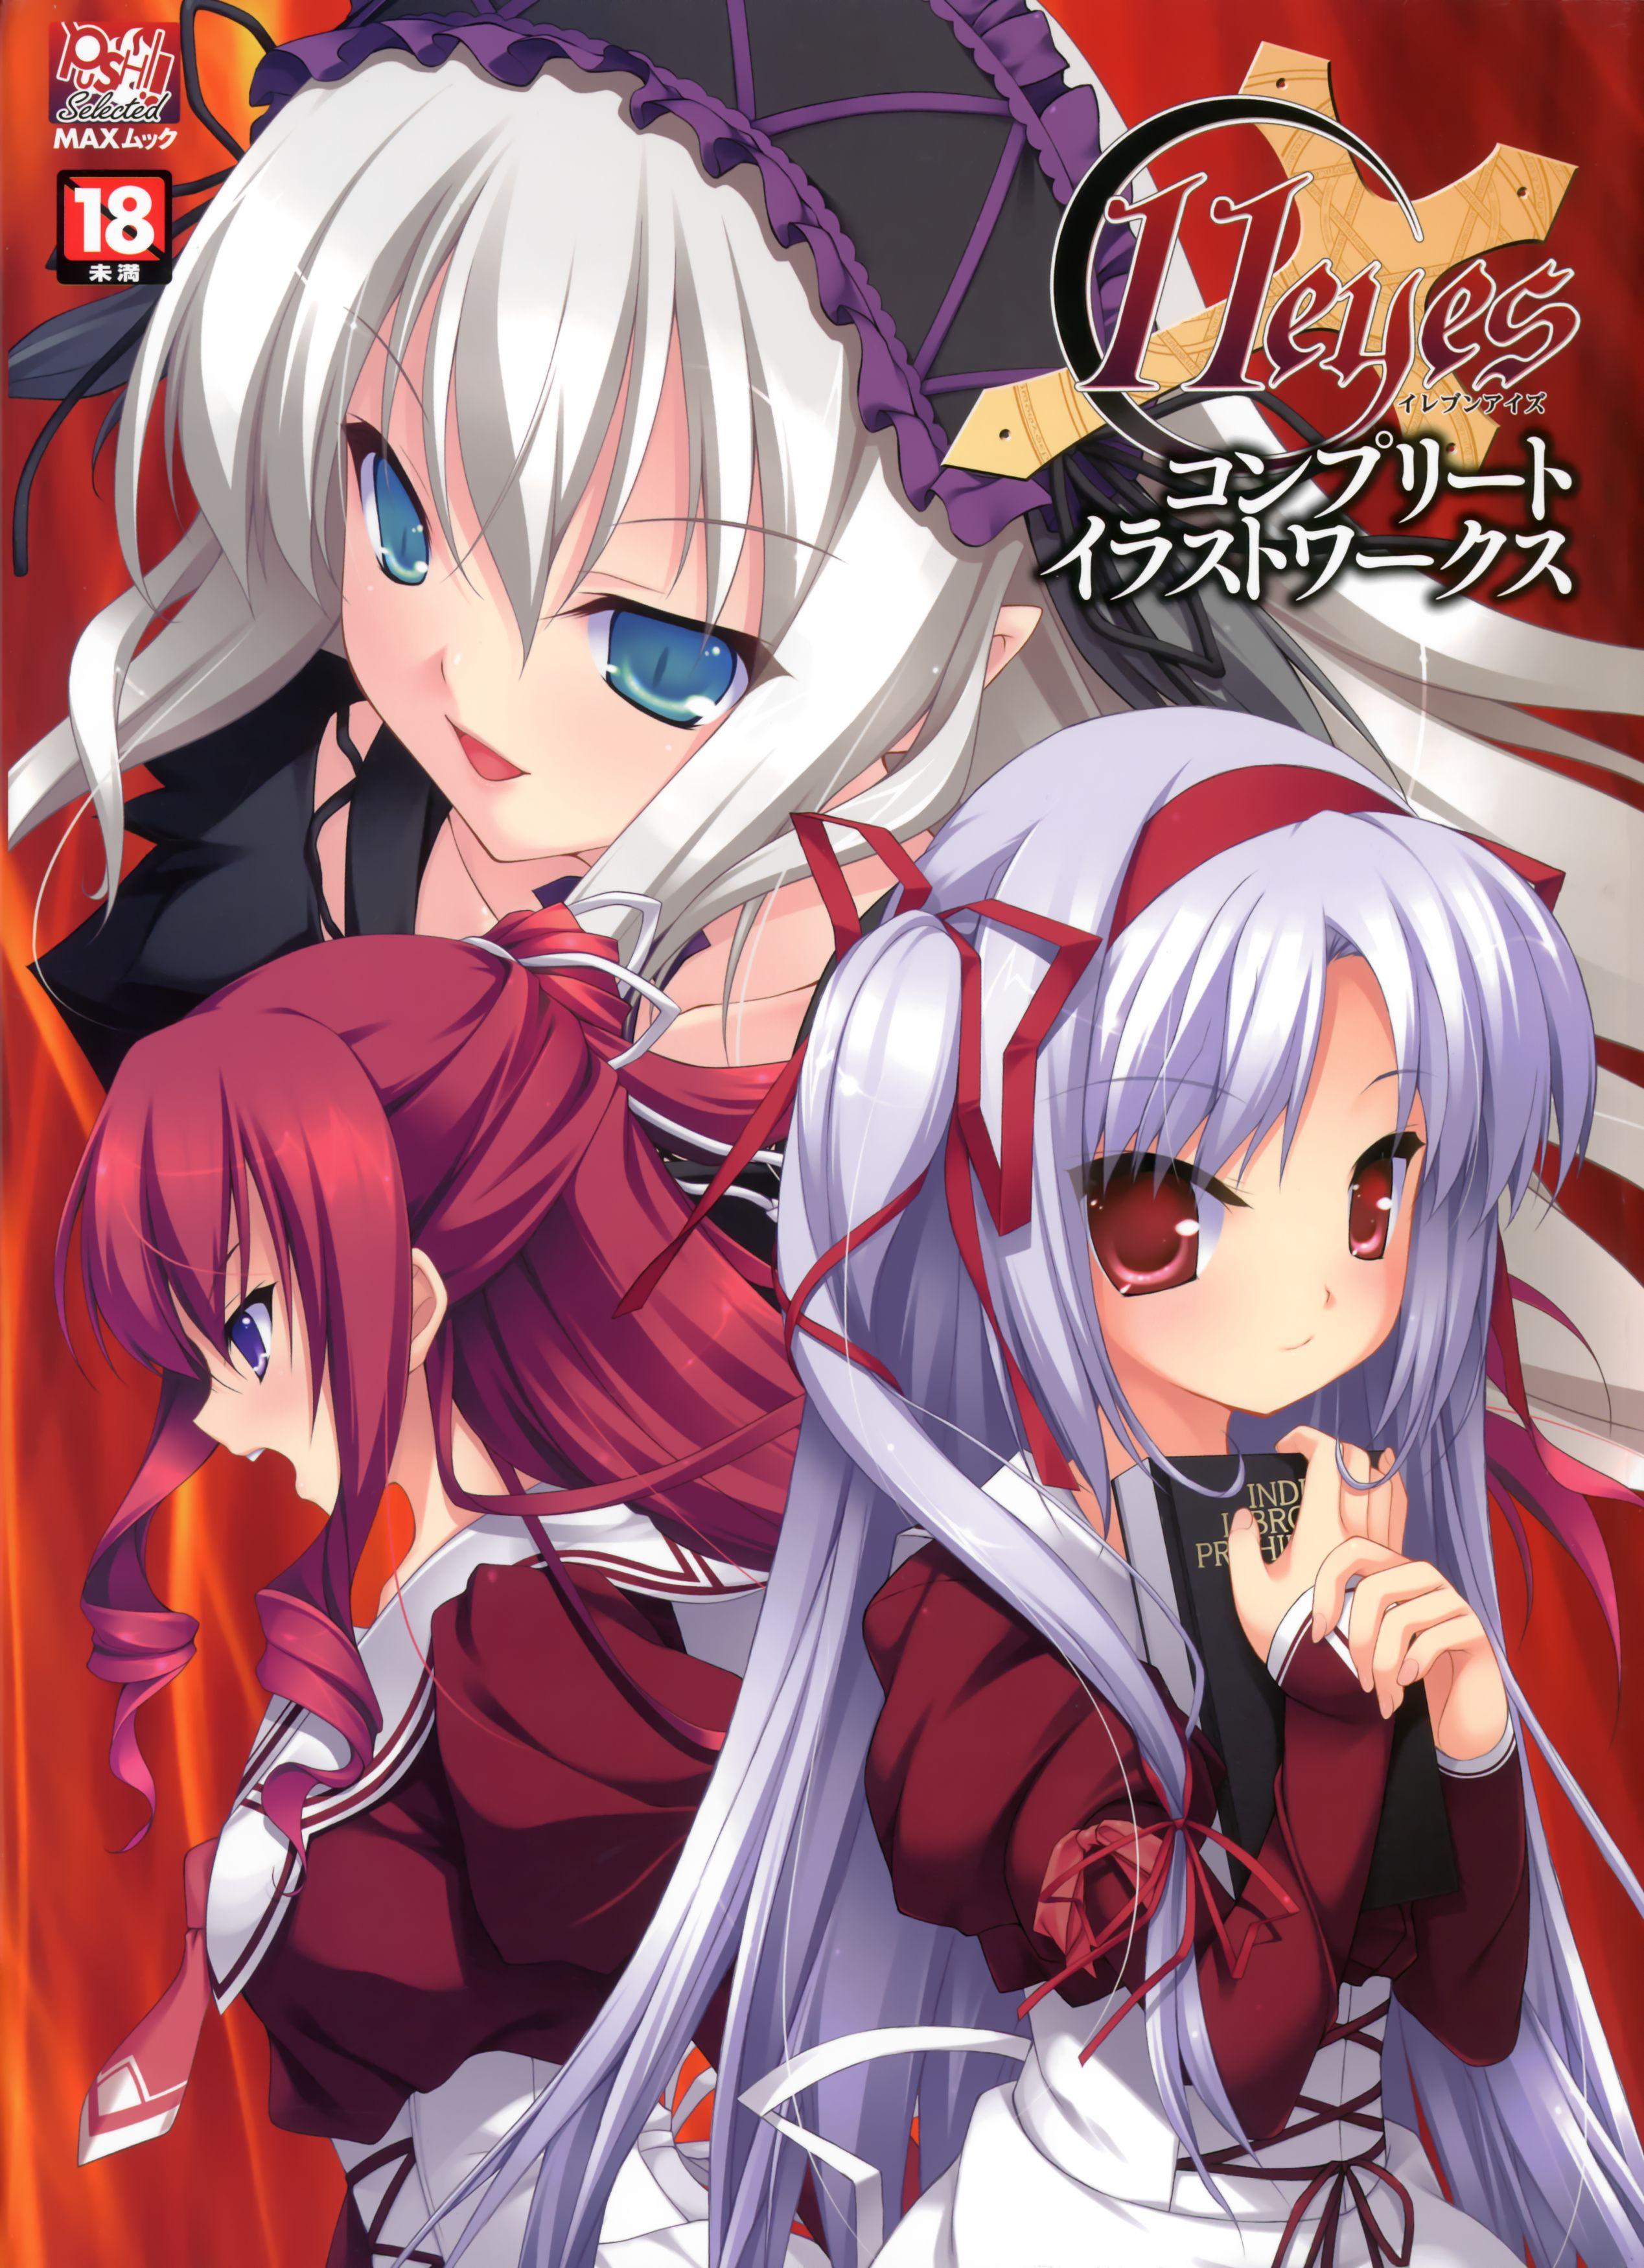 11eyes 855529 Fullsize Image 2537x3500 Zerochan Anime Anime Images Image